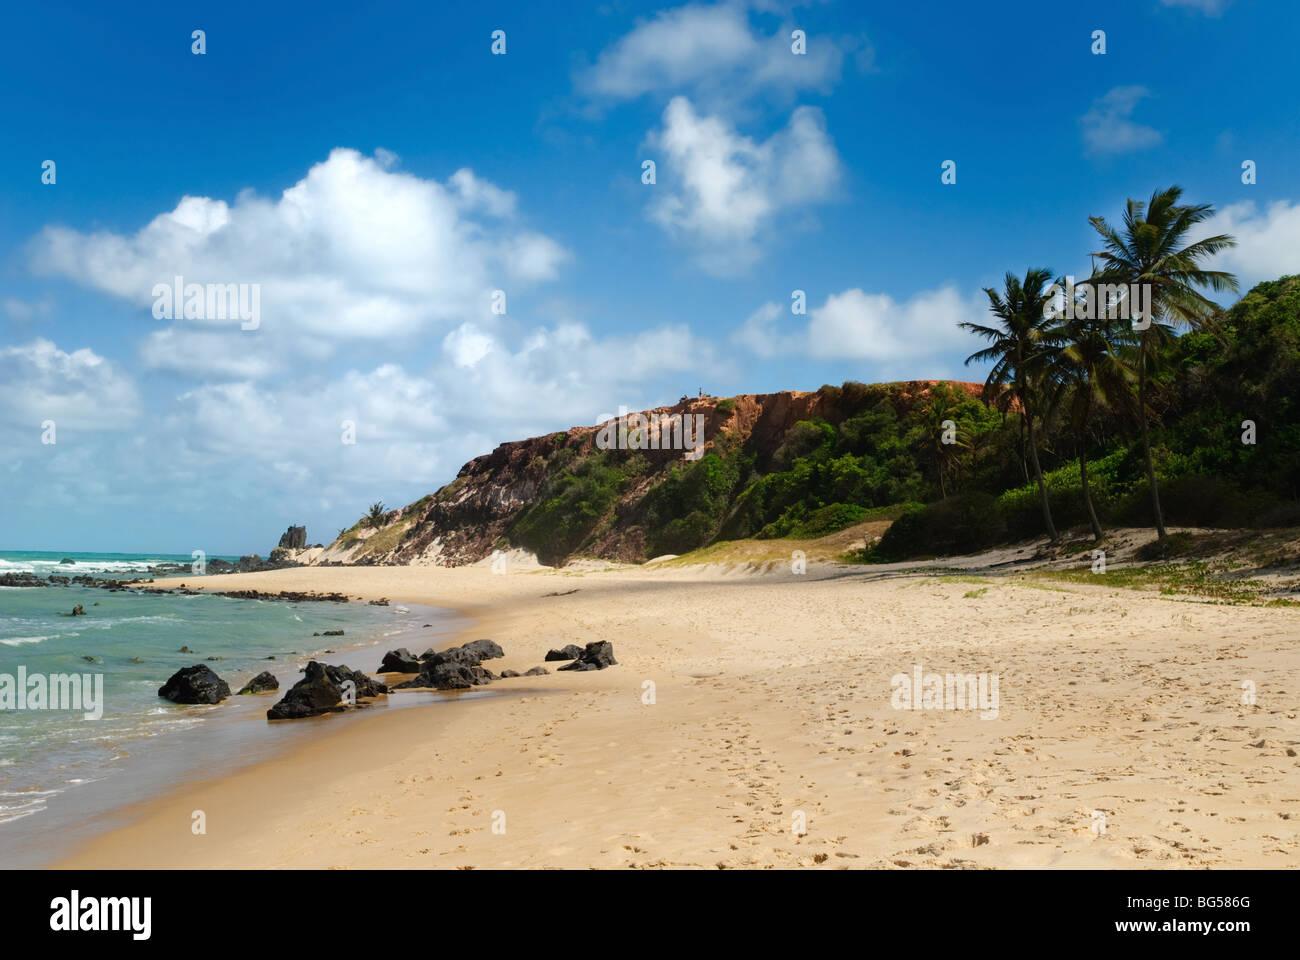 Hermosa playa con palmeras a Praia do Amor cerca de Pipa Brasil Imagen De Stock